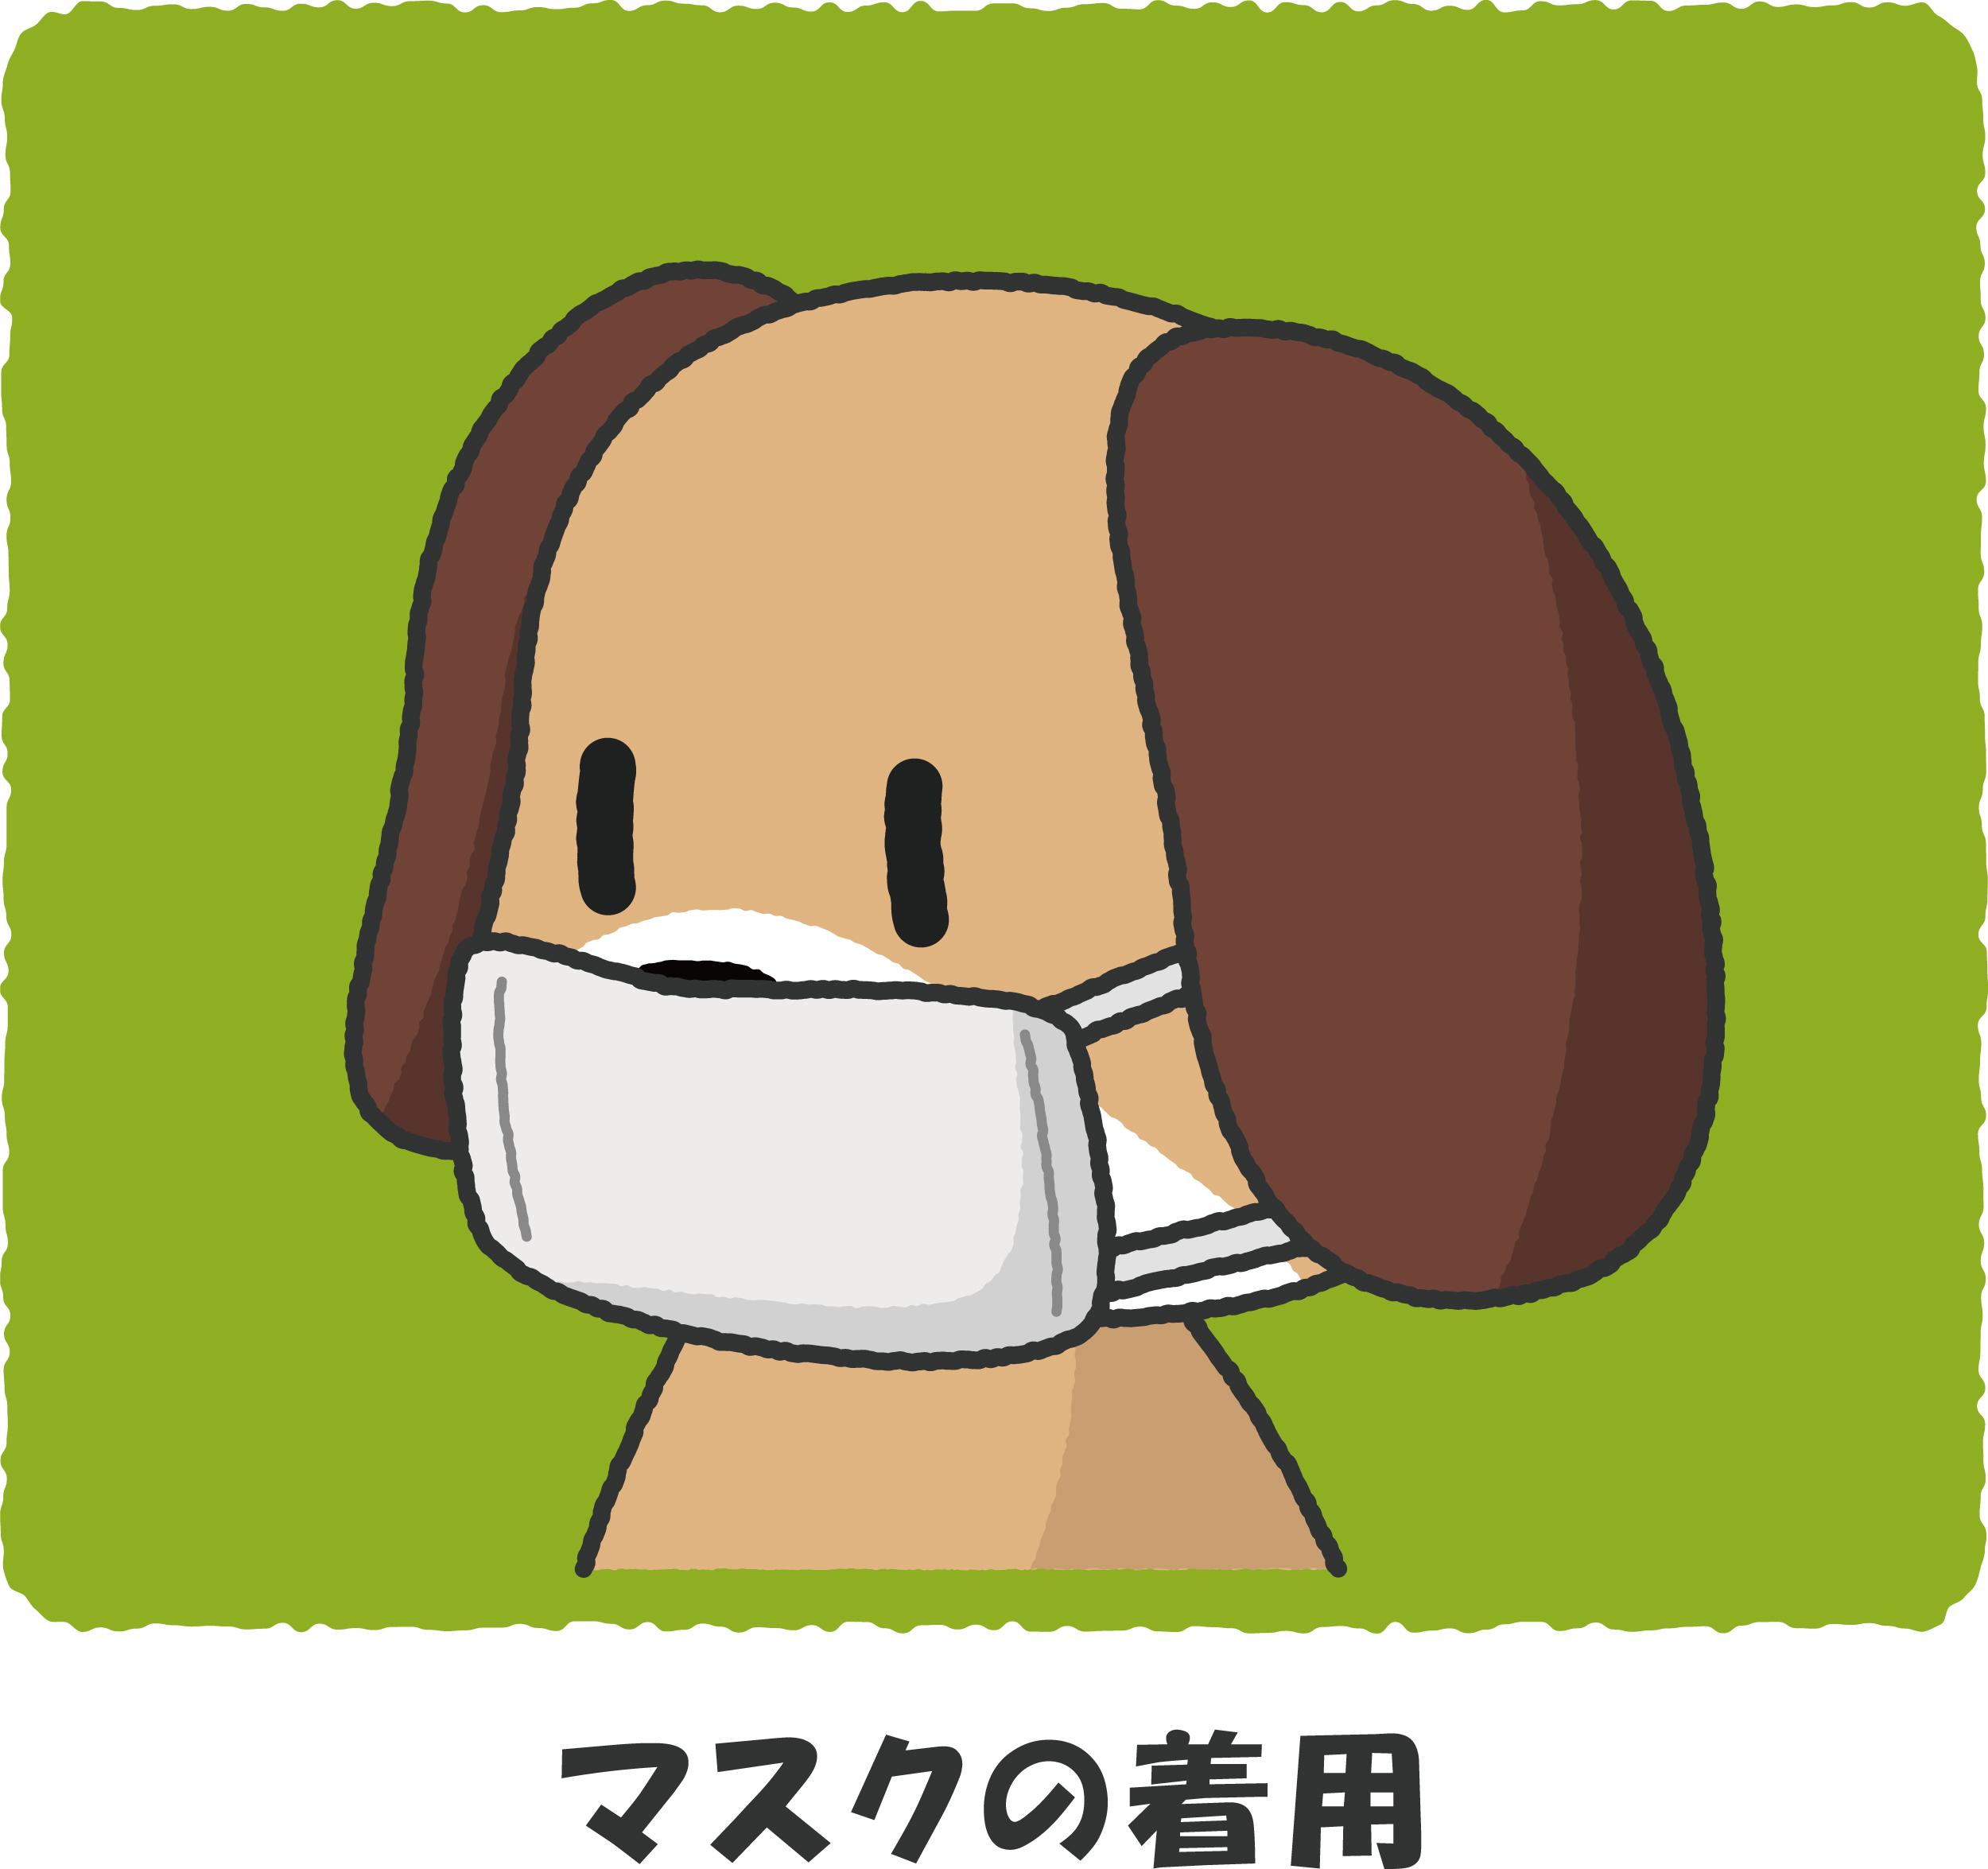 マスク・フェイスガード着用